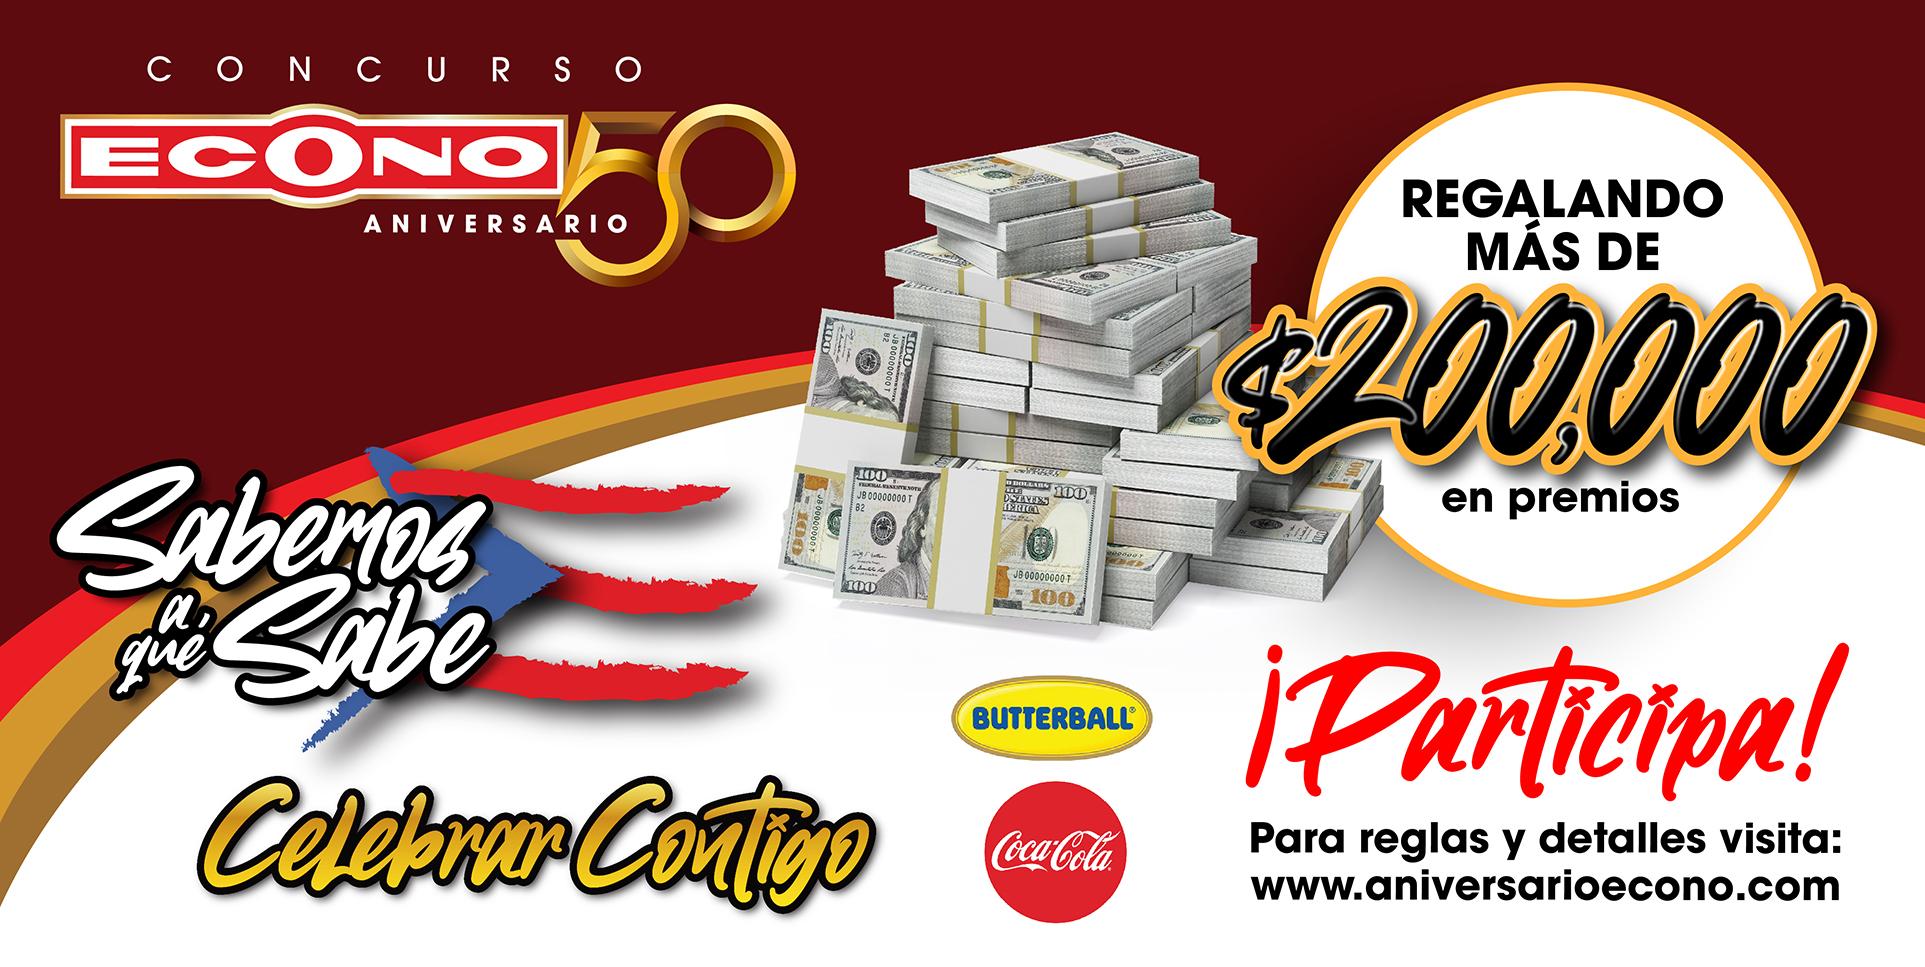 Concurso 50 Aniversario con más de $200,000 en premios.